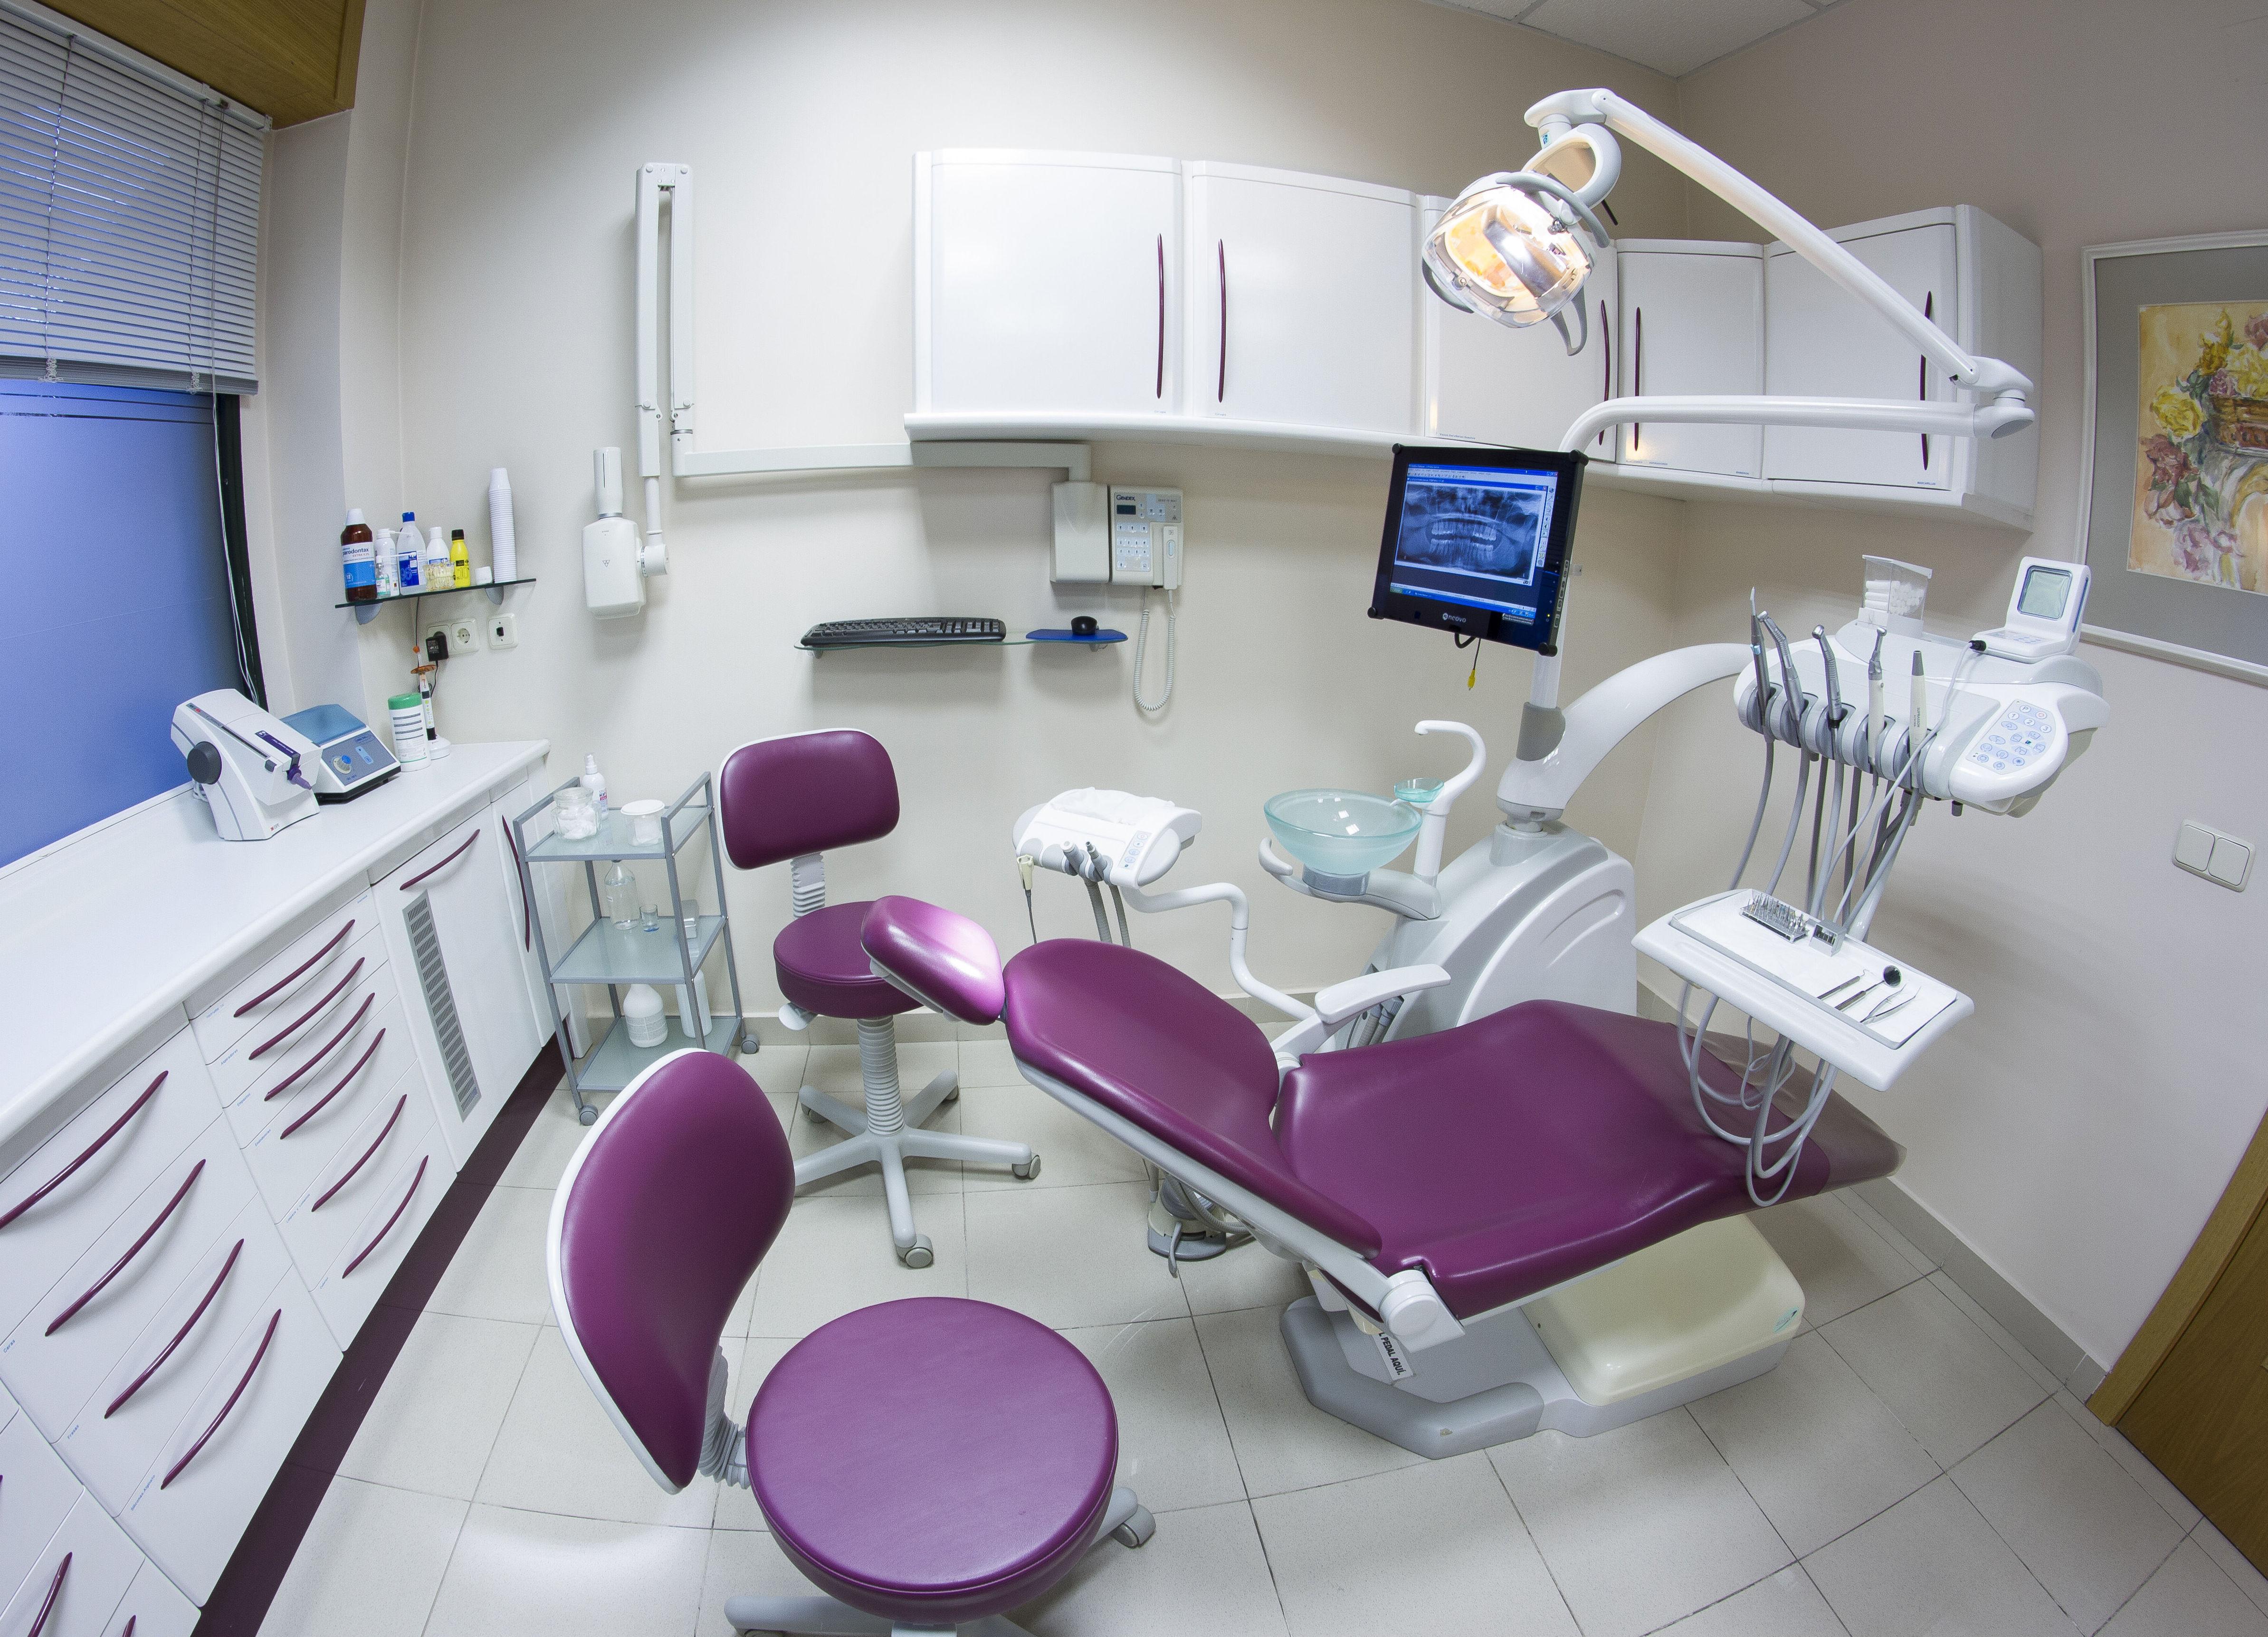 Foto 9 de Dentistas en Madrid | MAG Clínica Estético Dental